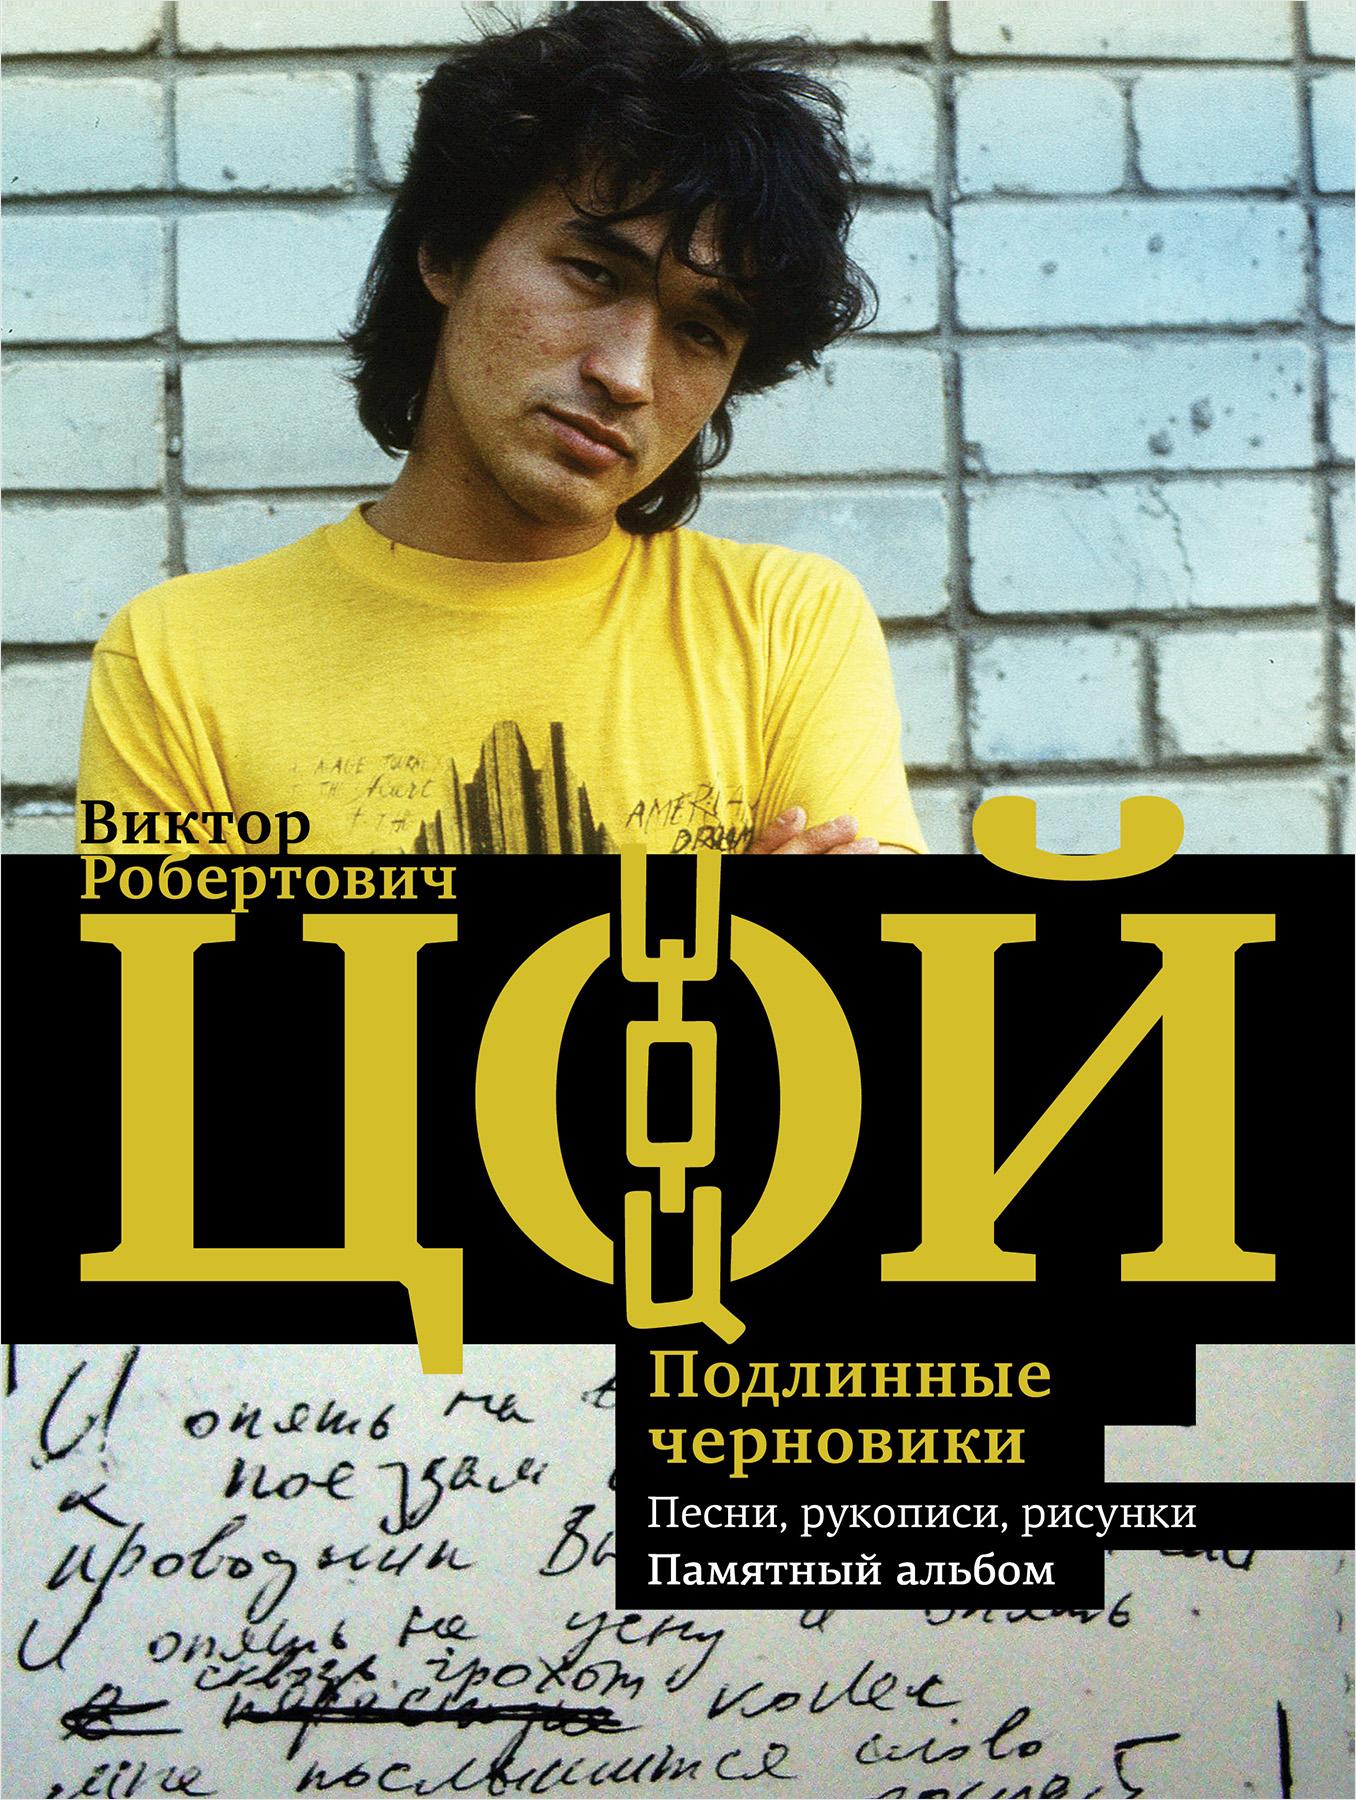 Калгин Виталий Виктор Цой: Подлинные черновики – Песни, рукописи, рисунки. Памятный альбом